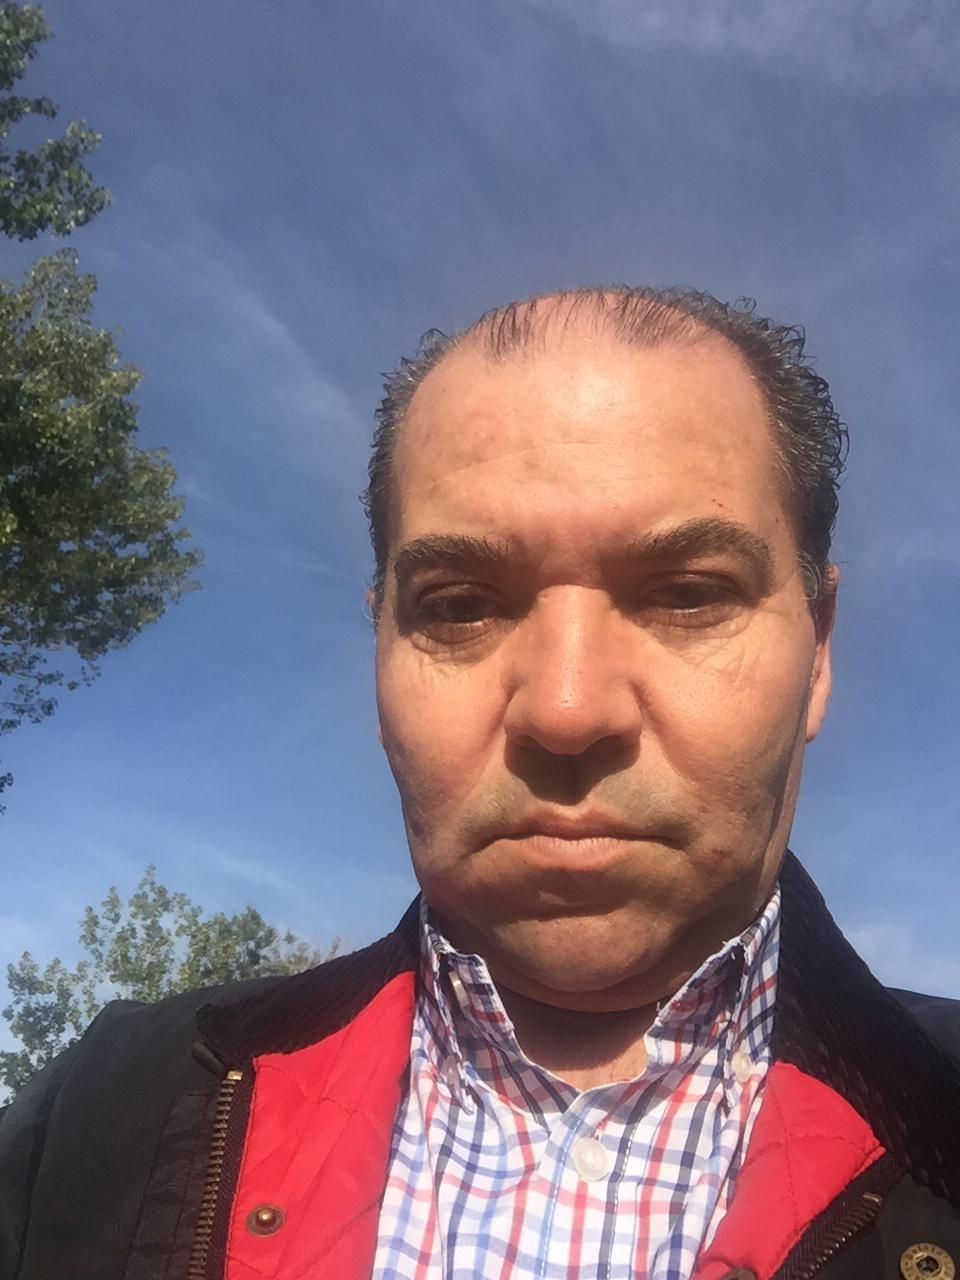 Fernando Menendez Sainz